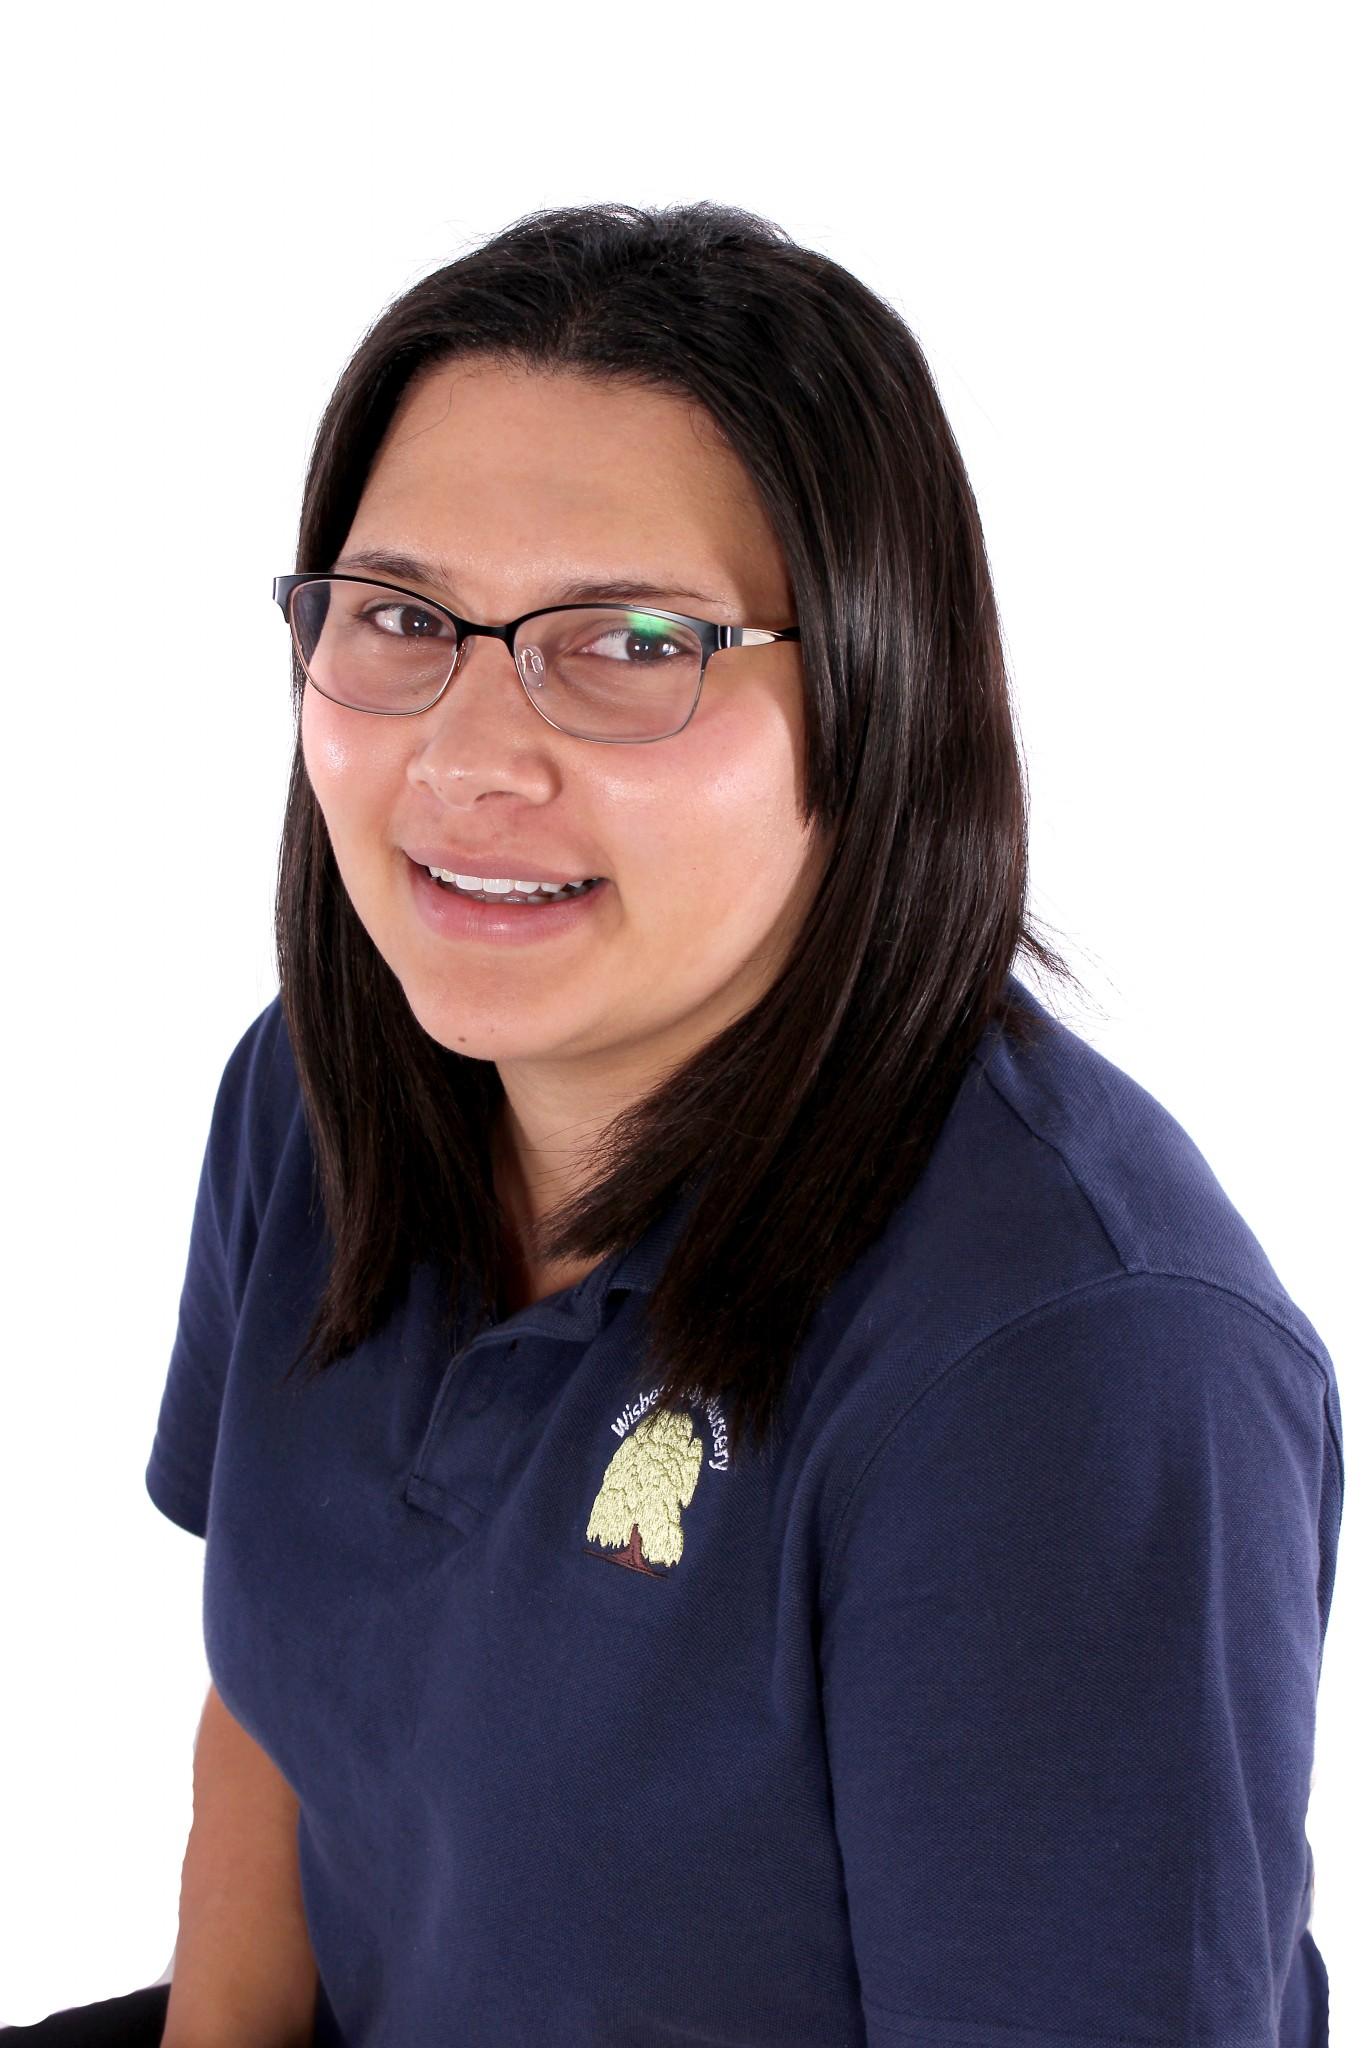 Jasmin West (EYITT)